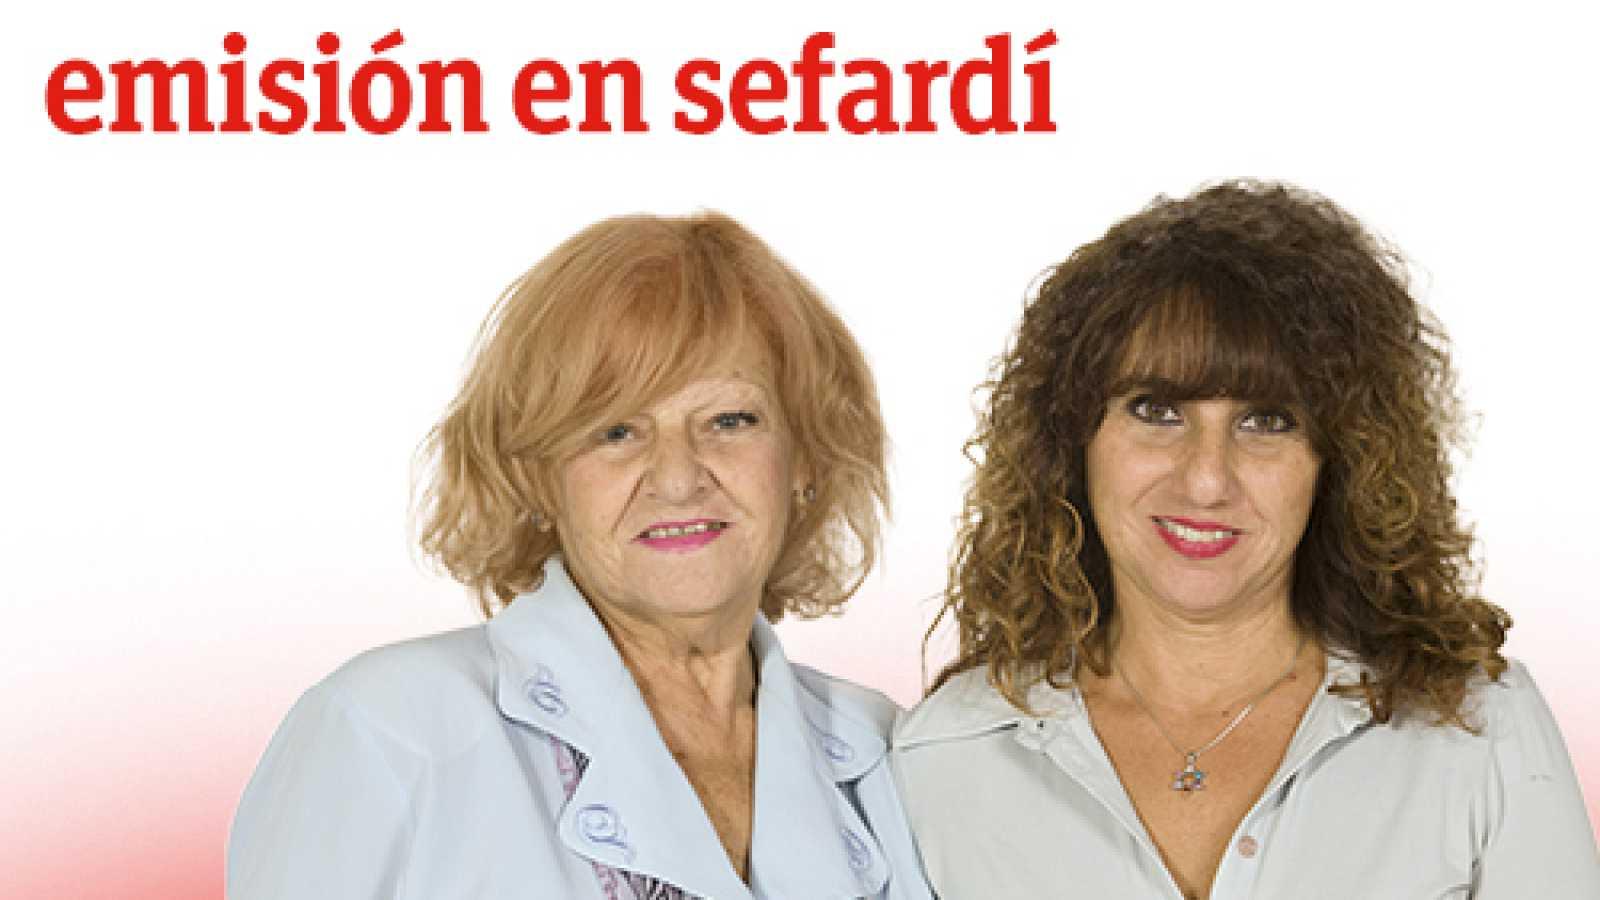 Emisión en sefardí - Personajes destacados y antiguas literaturas sefardíes - 15/11/20 - escuchar ahora